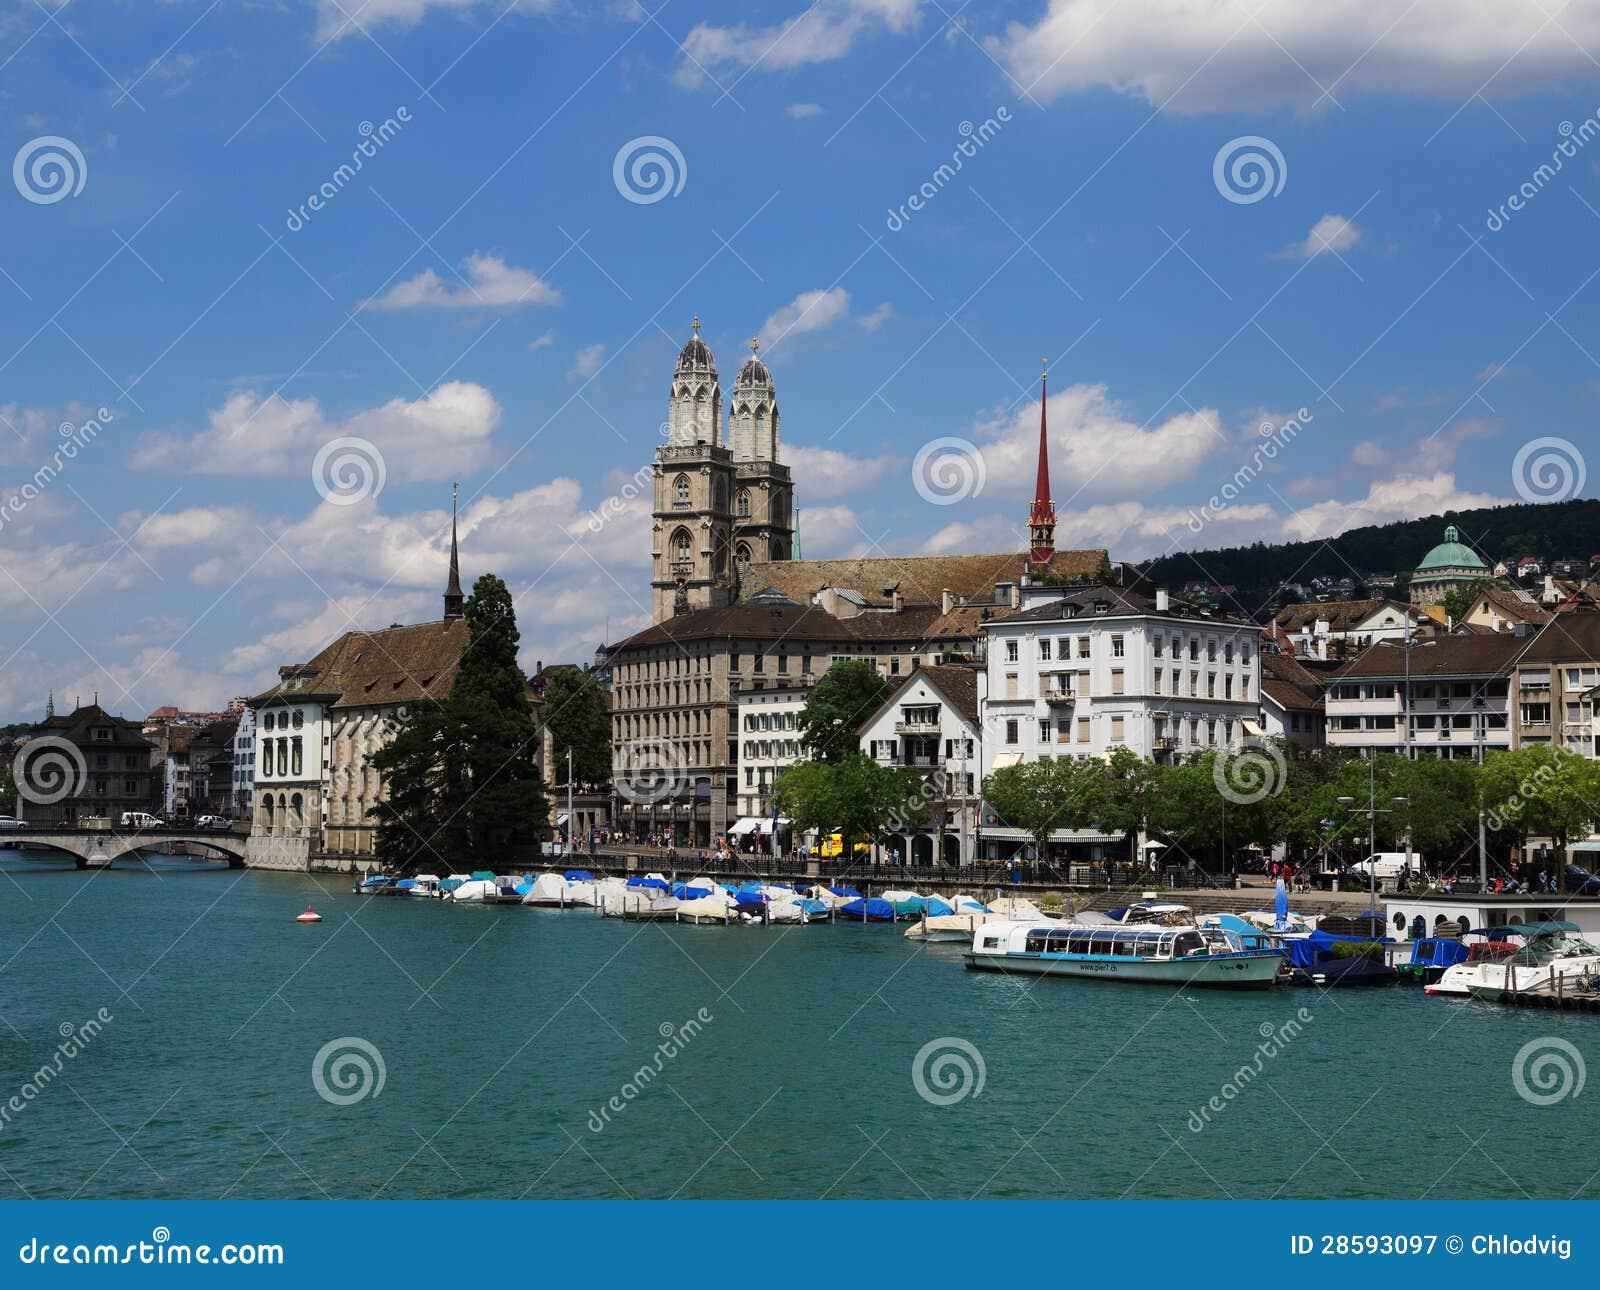 Grossmunster Skyline in Zurich, Switzerland